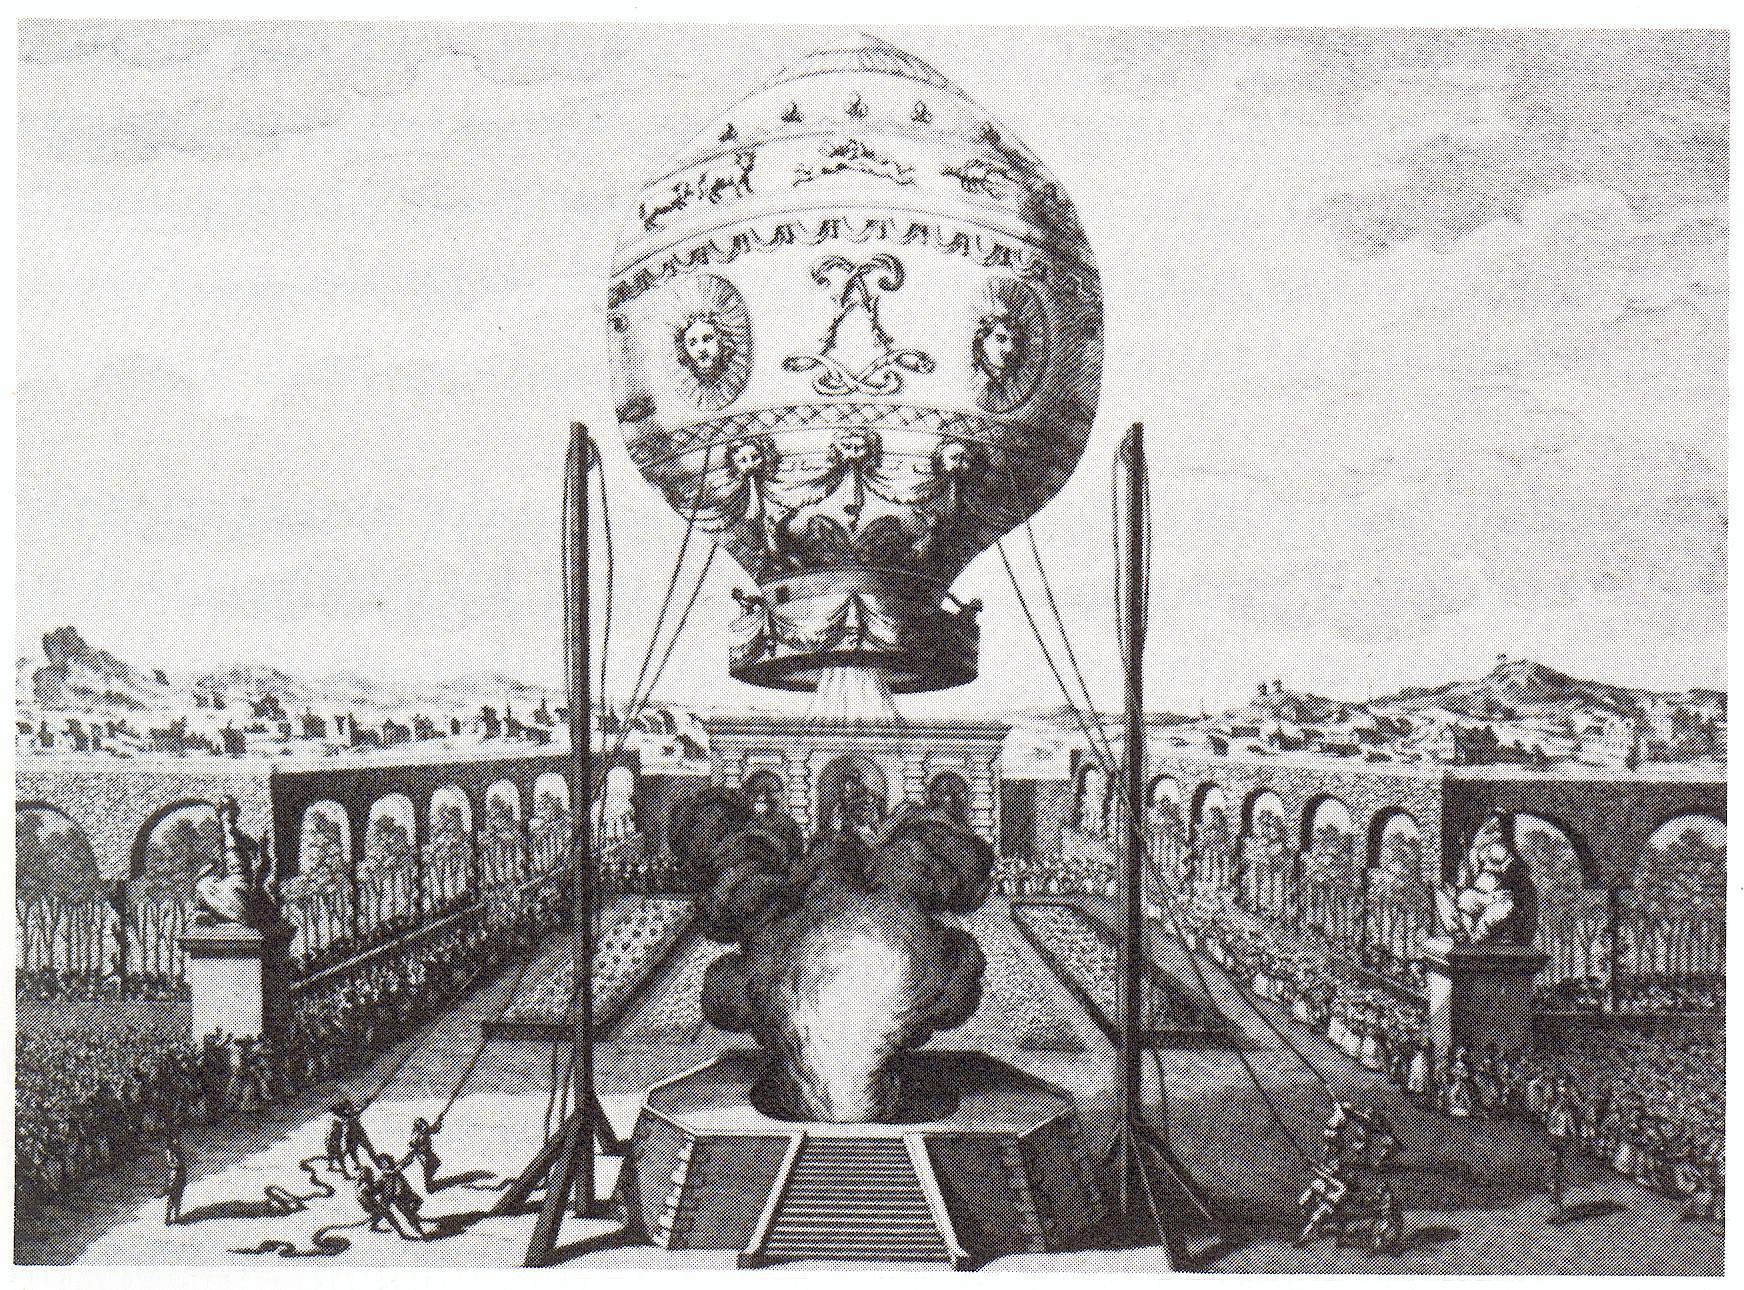 Состоялся первый в истории полет человека на воздушном шаре